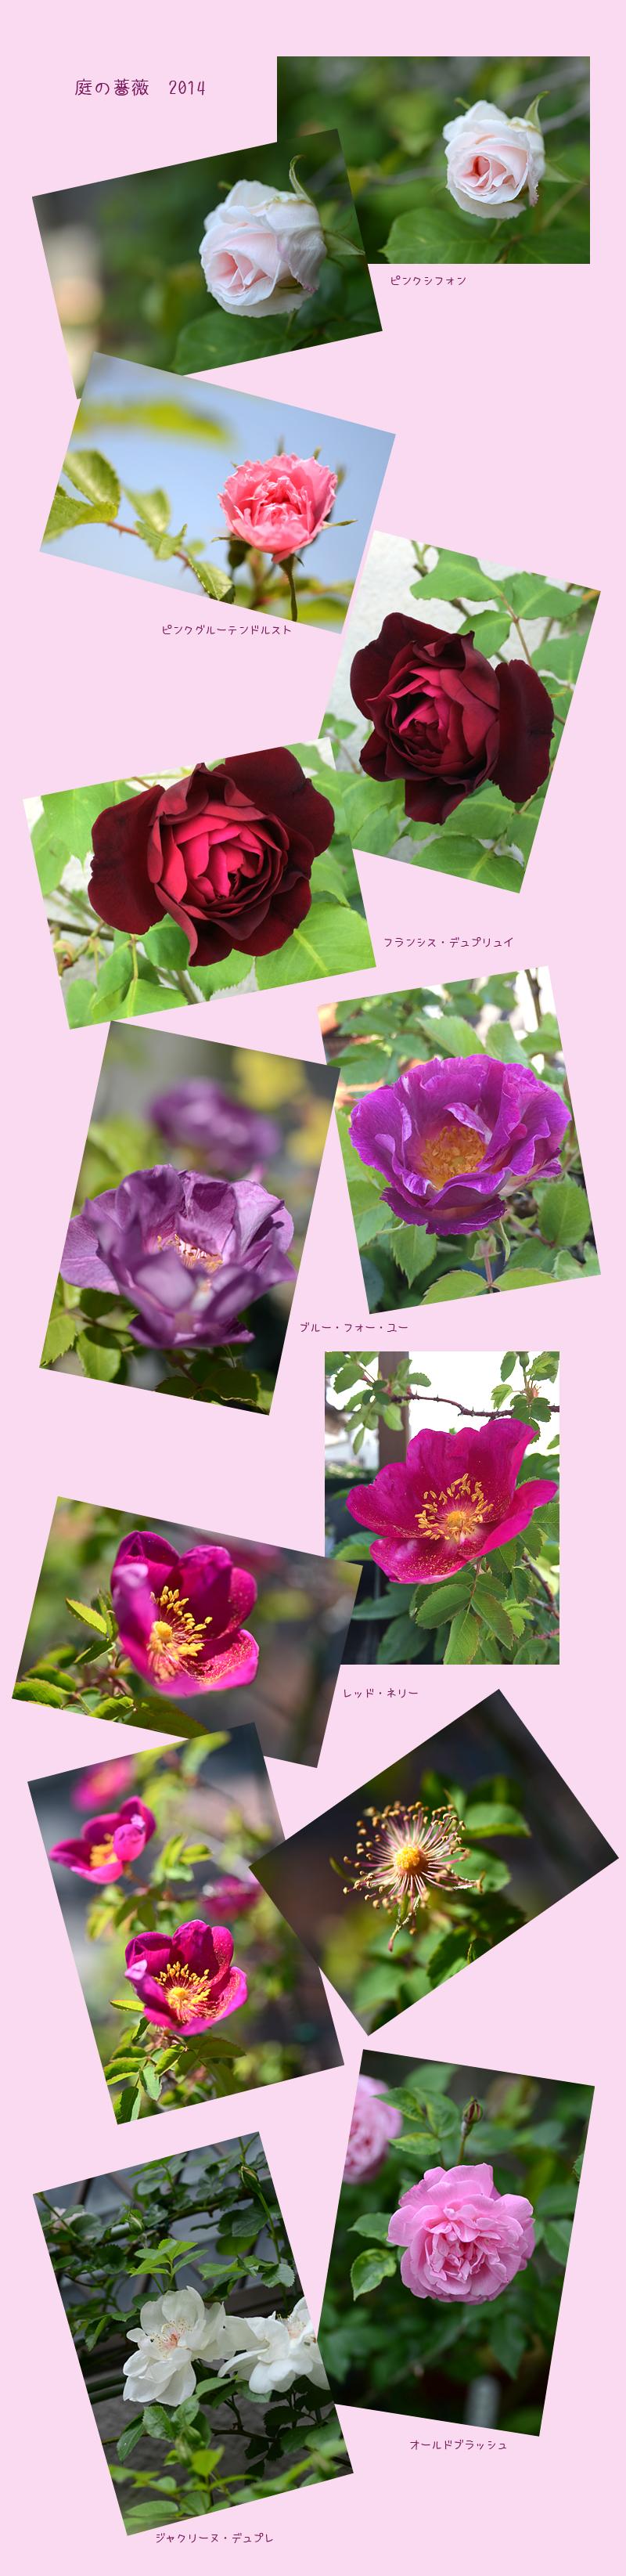 5月4日庭の花2